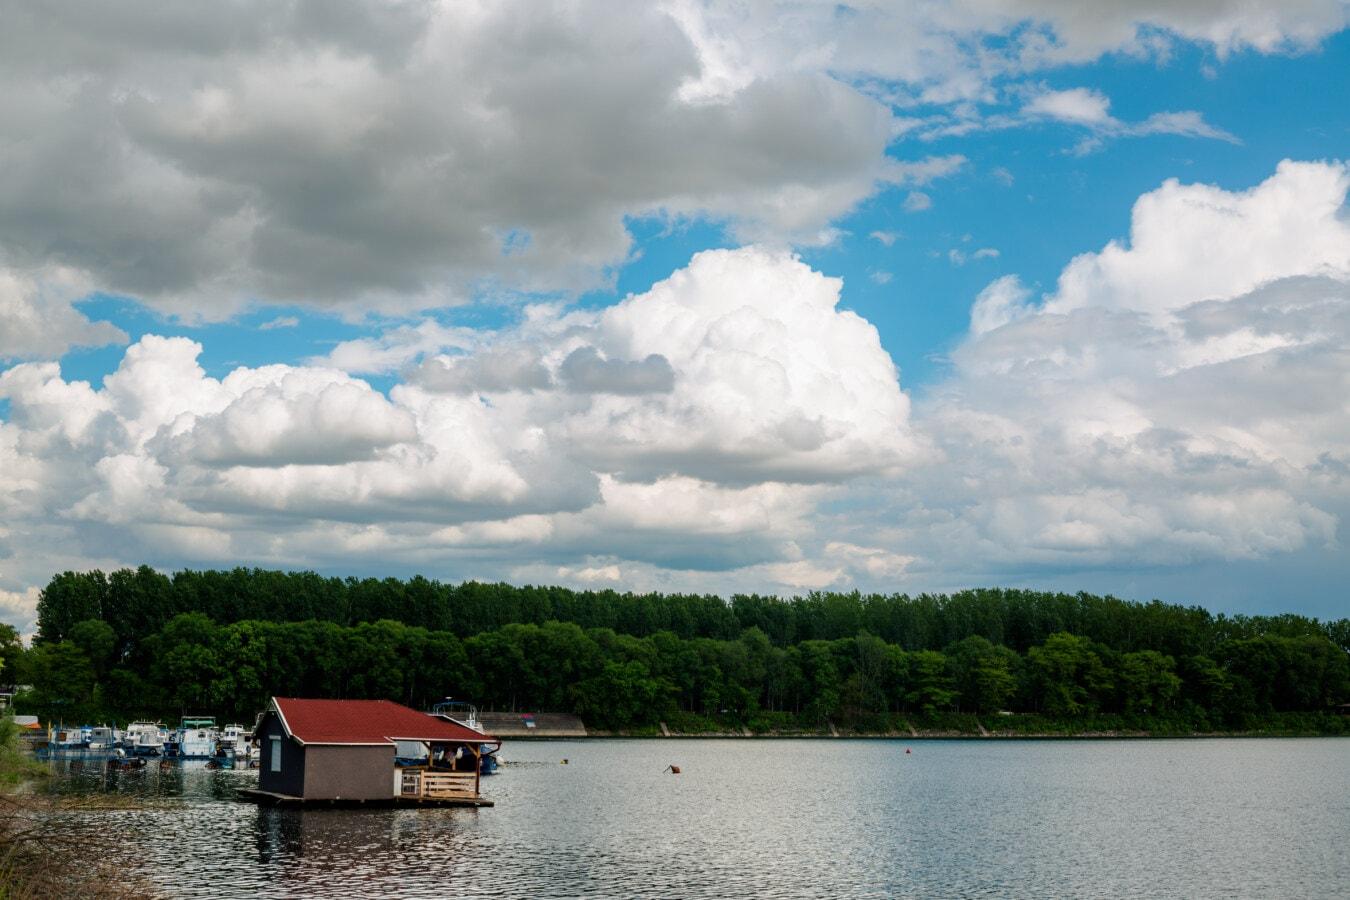 zone de villégiature, Parc national, au bord du lac, bateau, remise à bateaux, Lac, nature, bâtiment, eau, été